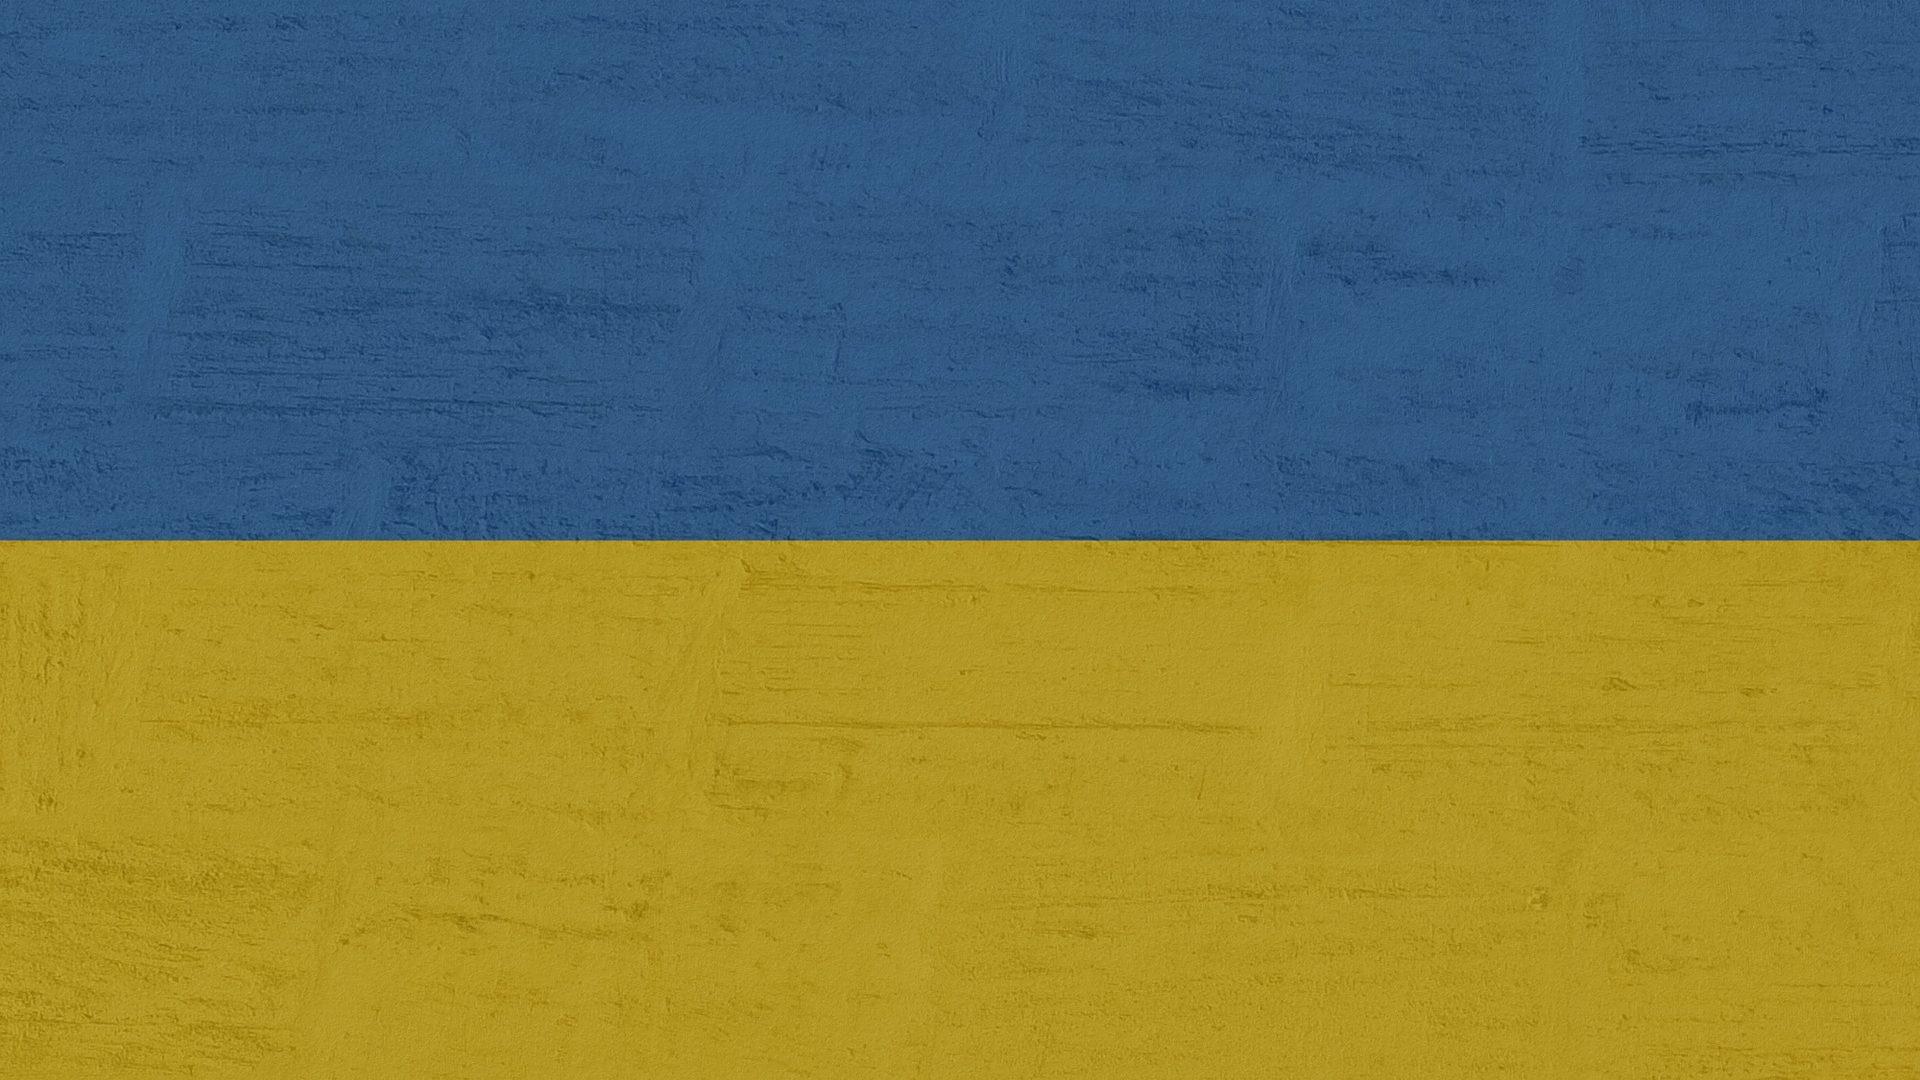 Flüge in die Ukraine